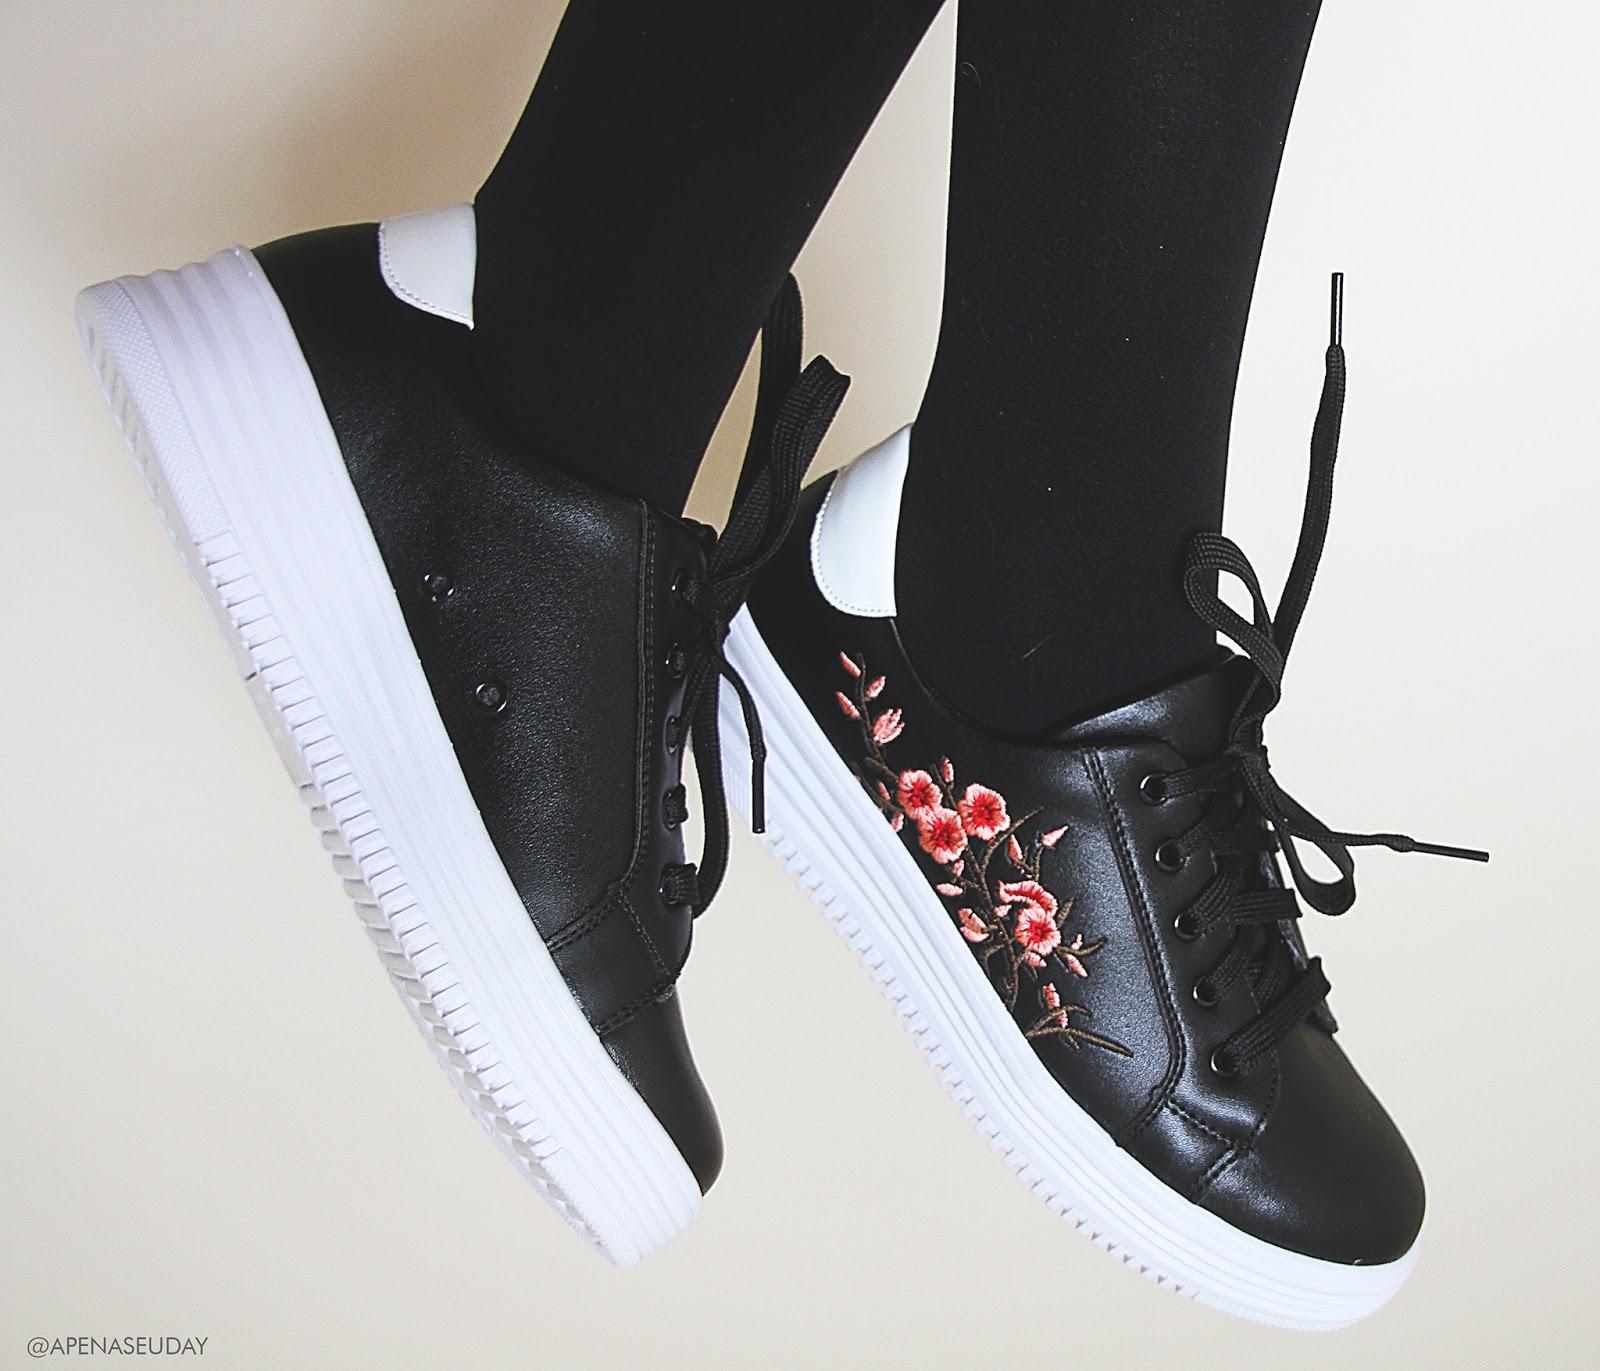 Resenha tênis preto Mooncity com bordado de cerejeira. Perfeito para fazer diversas combinações com conforto e estilo kawaii. Saiba mais agora!